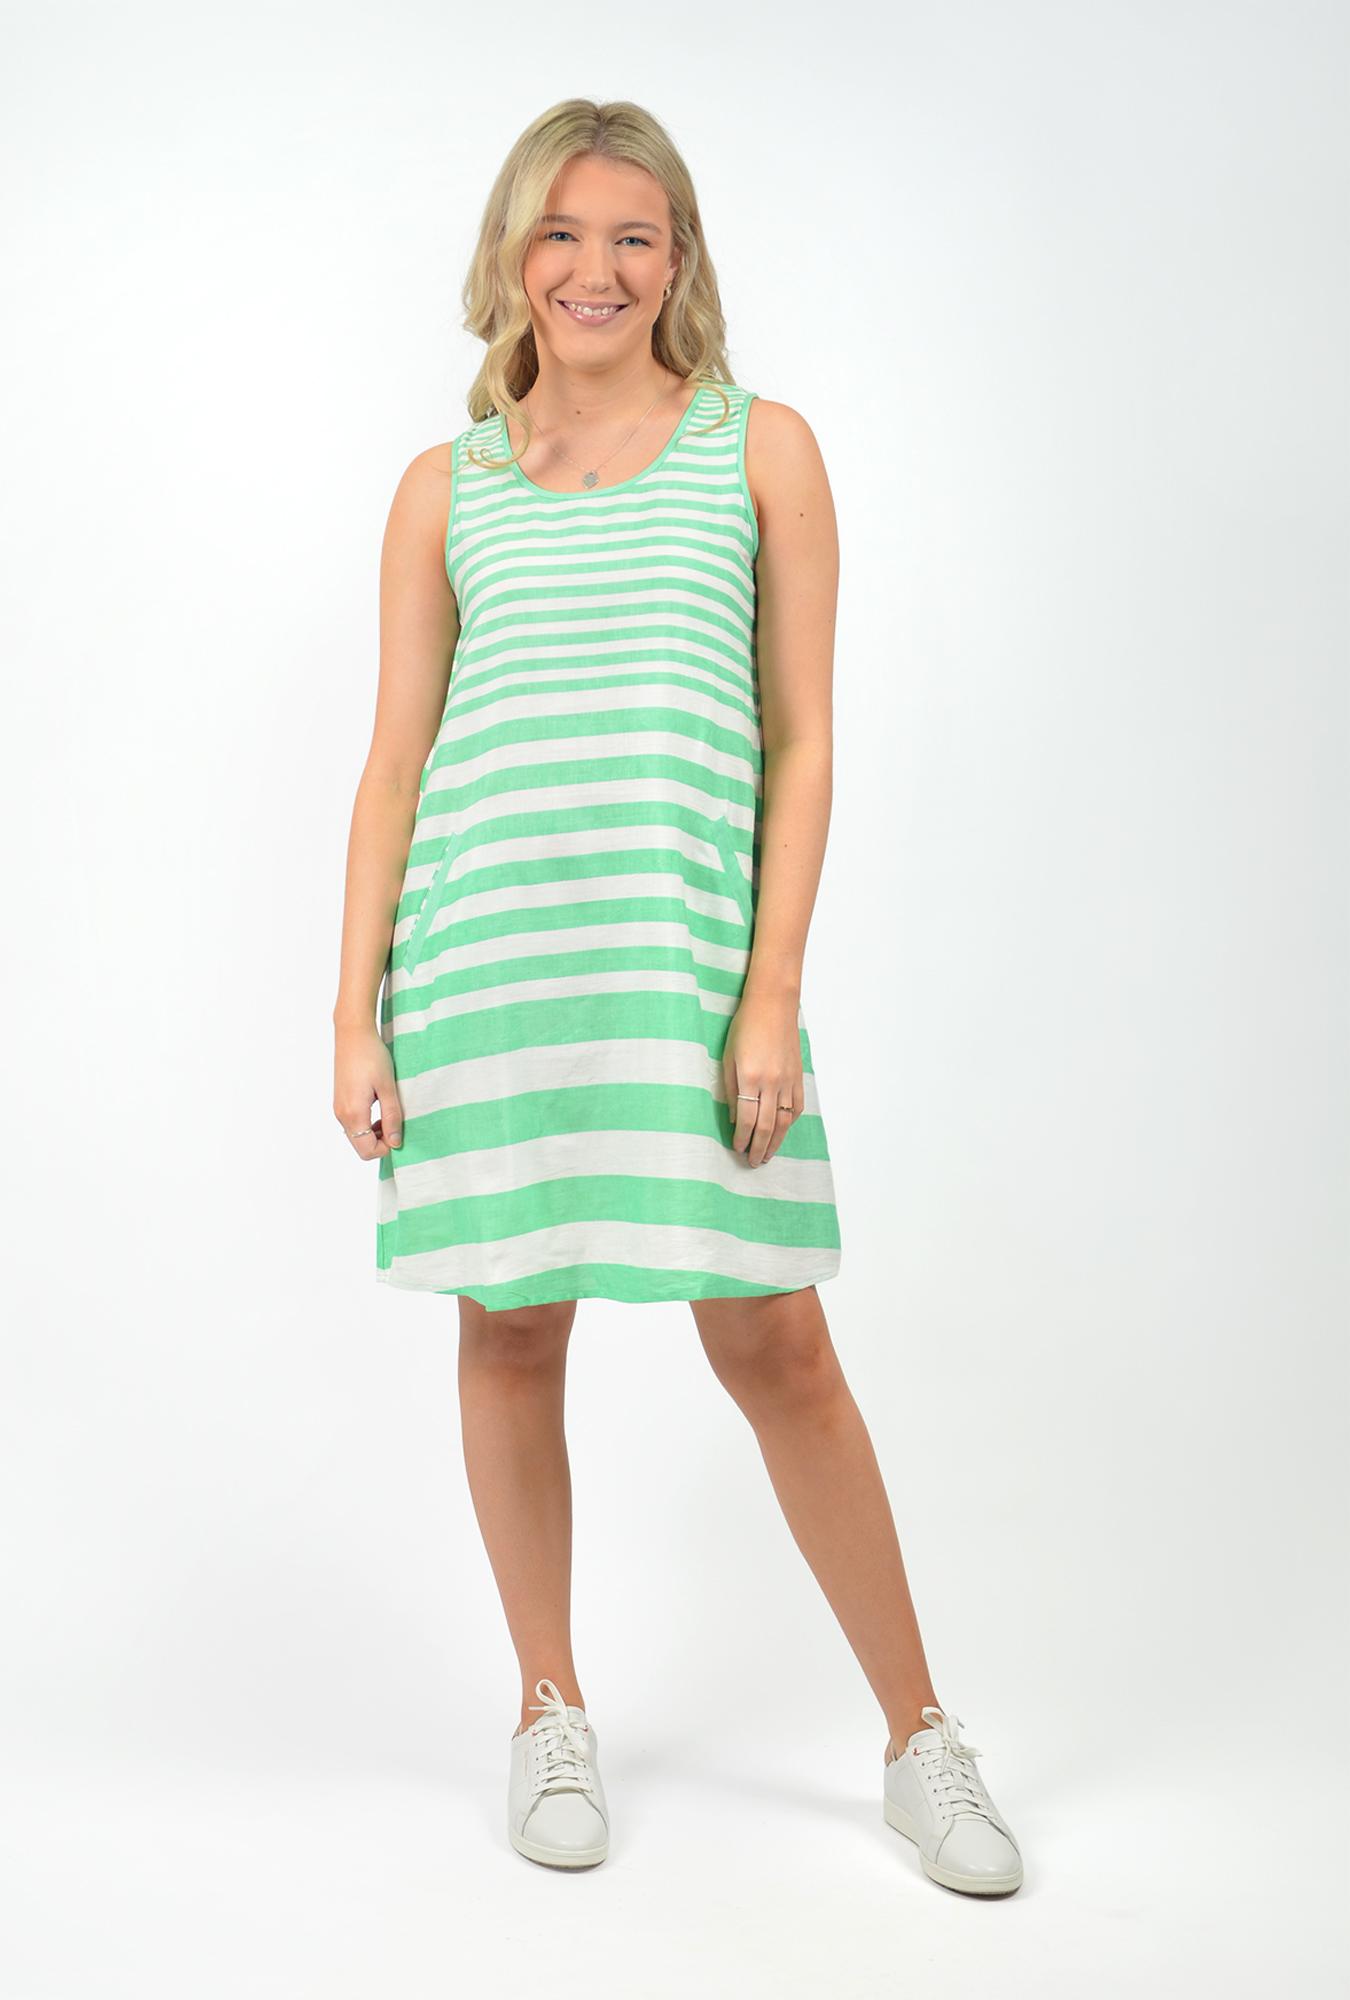 Sophia Dress in Mint